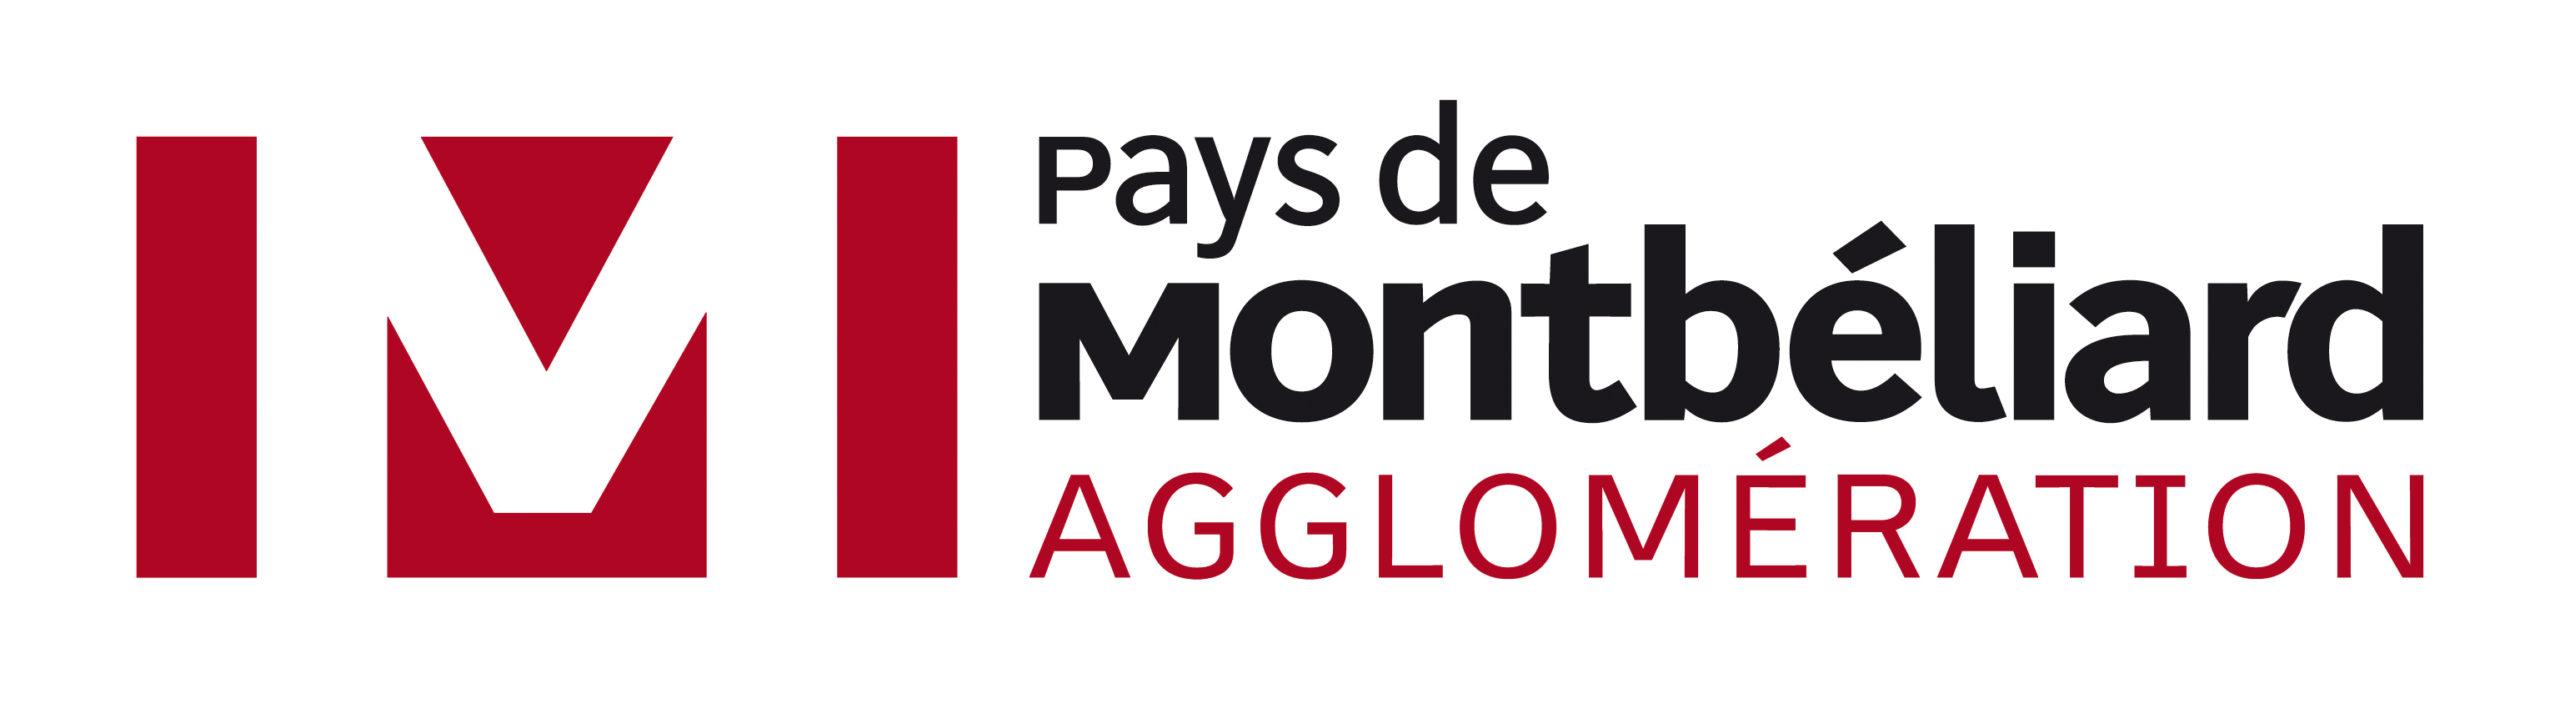 logo Pays de Montbéliard Agglomération